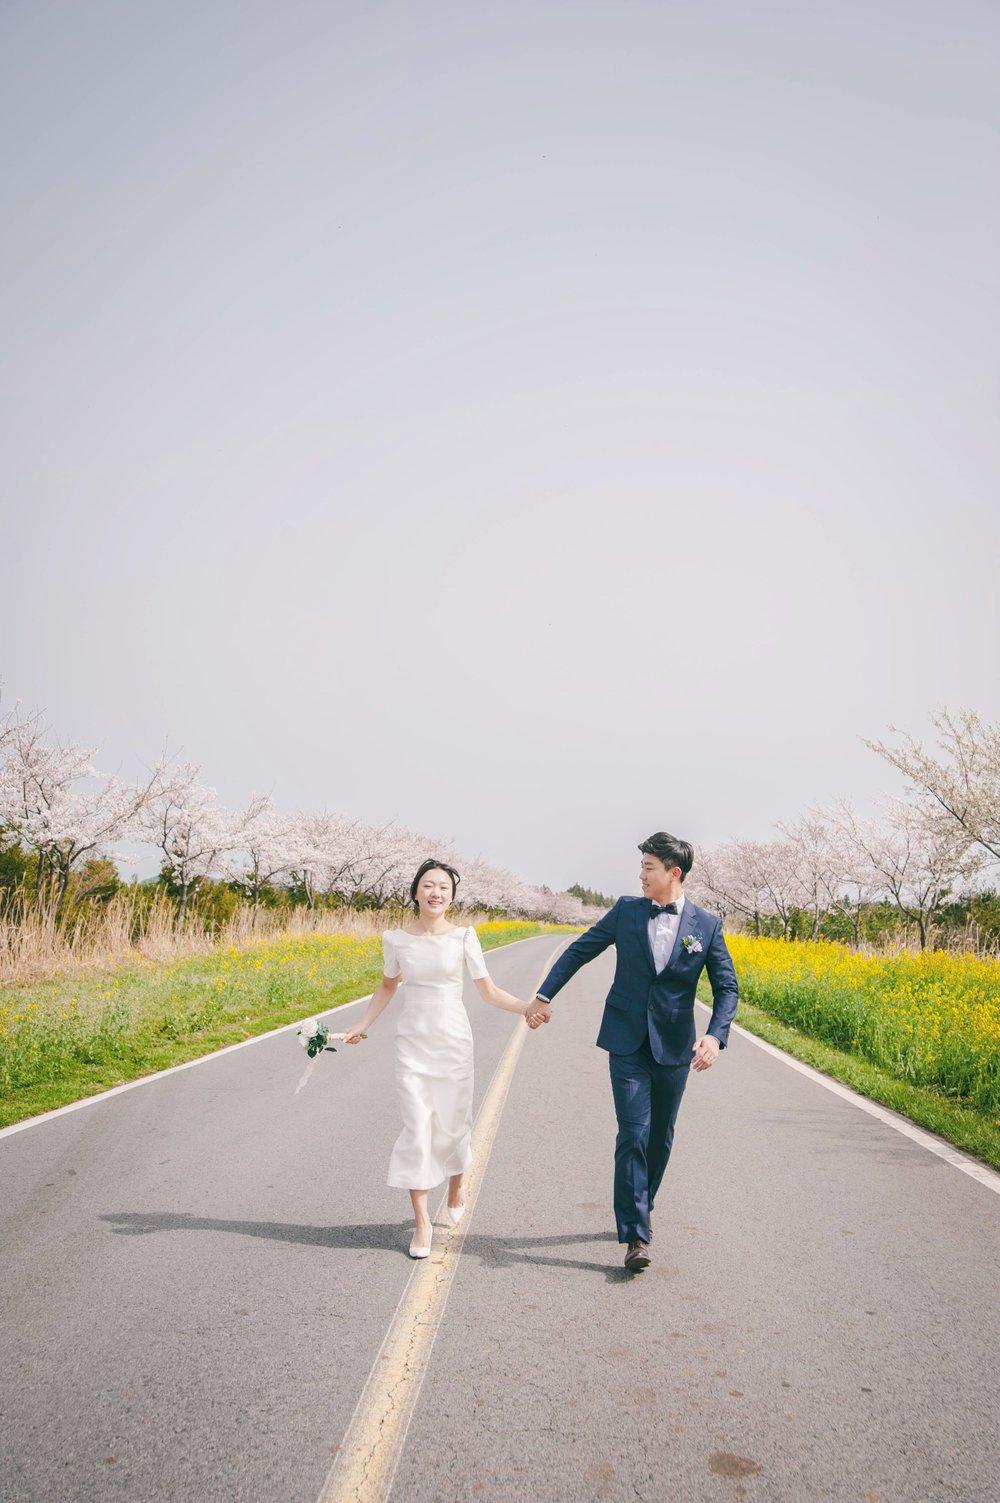 jeju_soy park (12).jpg